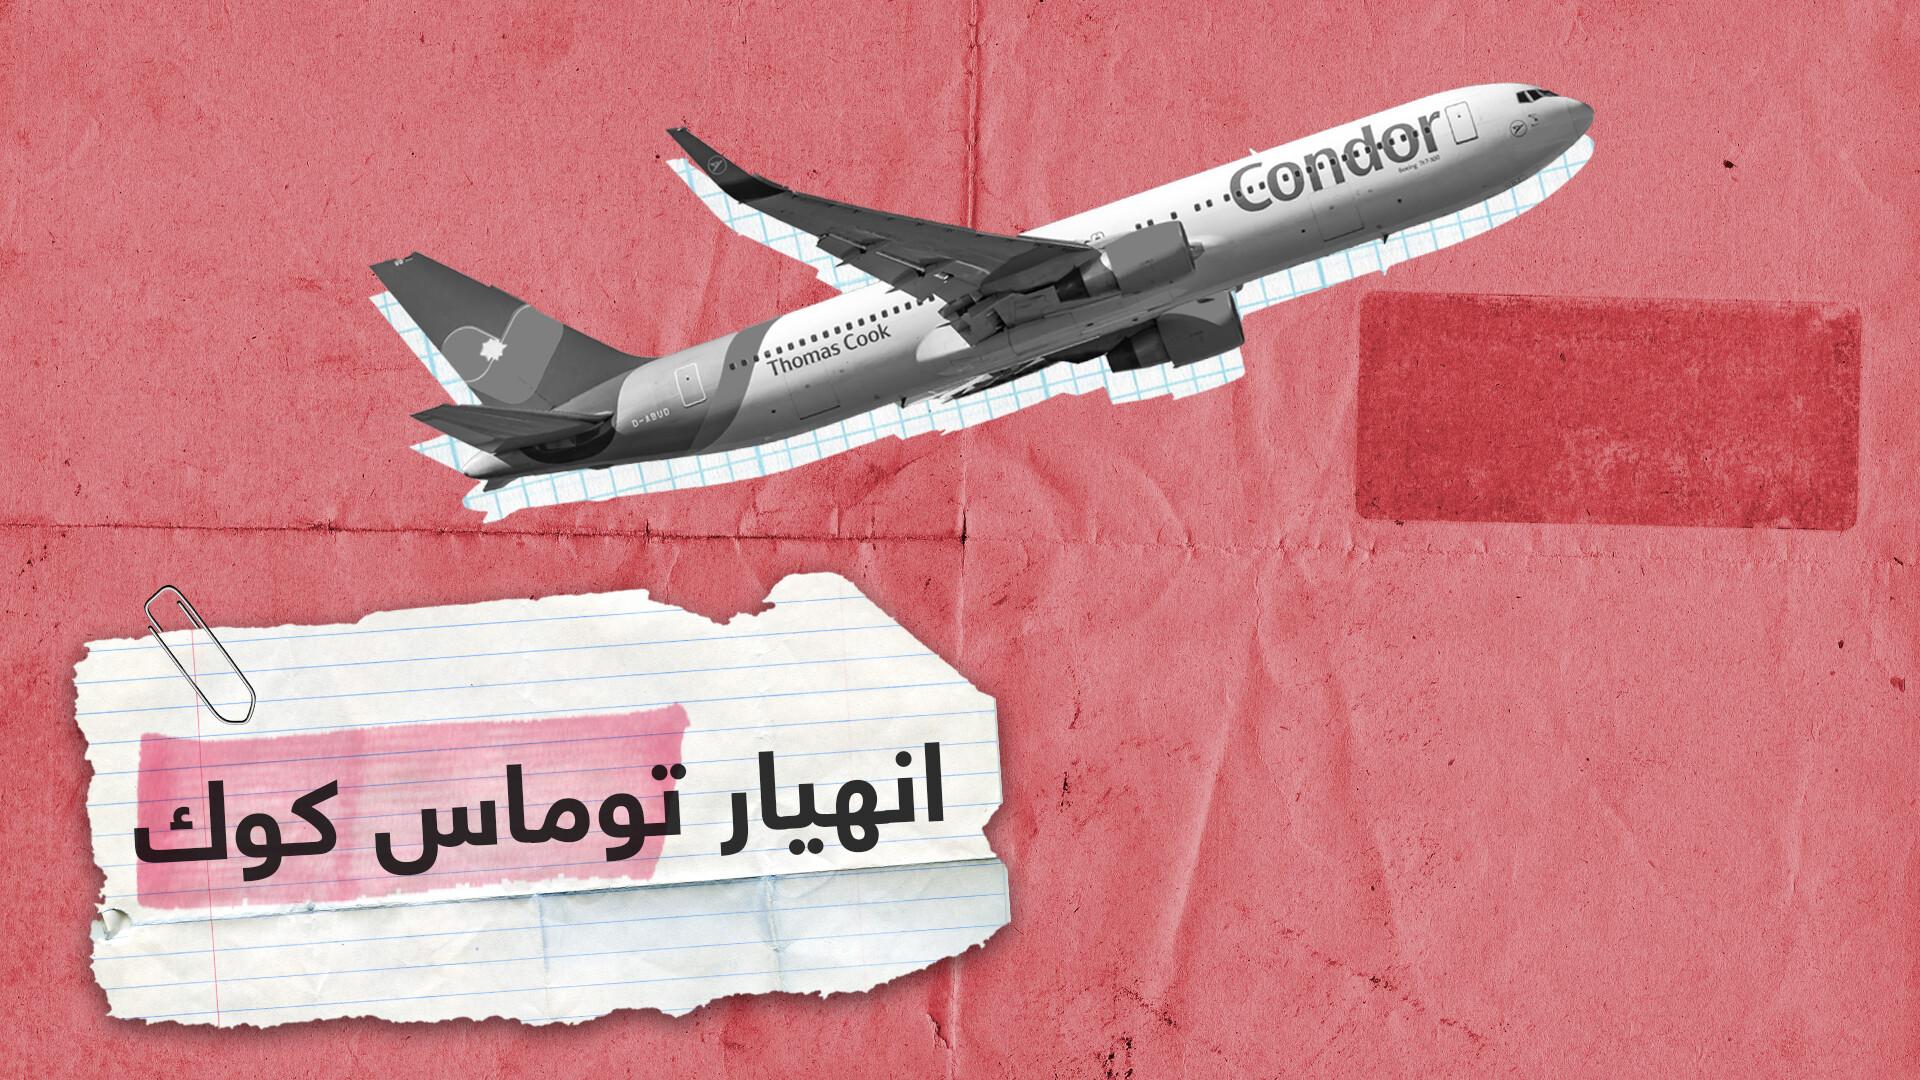 كيف سيؤثر انهيار توماس كوك على السياحة العربية؟